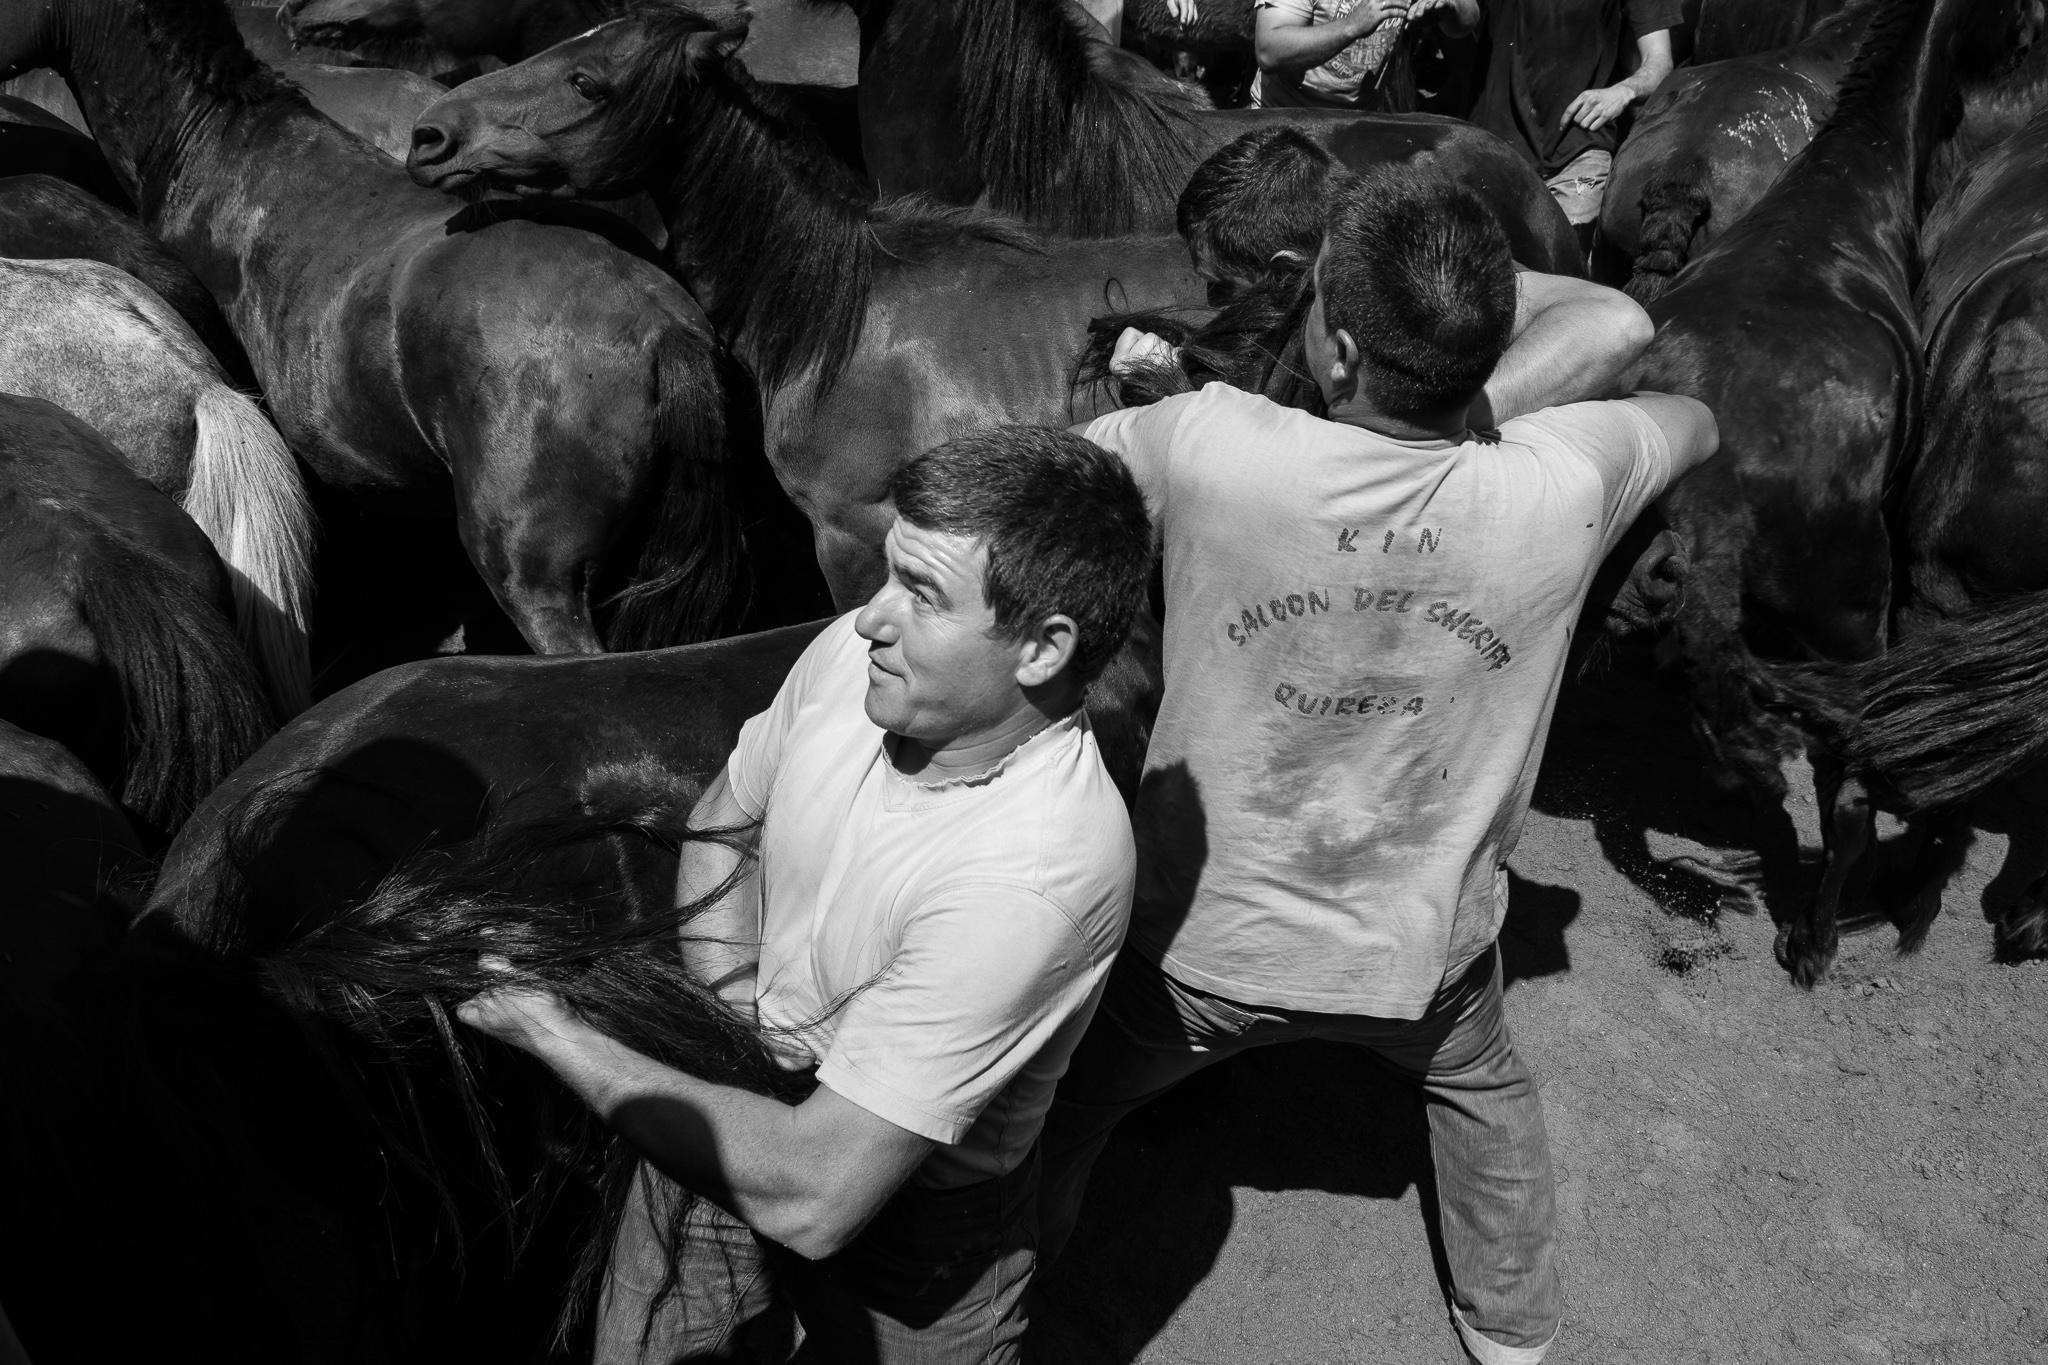 A Rapa das Bestas de Sabucedo, localidade pertencente ao municipio de A Estrada, Pontevedra, celébrase cada ano durante o primeiro venres, sábado, domingo e luns do mes de Xullo.<br>A celebración consiste en baixar dos montes galegos ás mandas de cabalos salvaxes para posteriormente metelos no curro, rapalos, desparasitarlos e marcalos. <br>A baixa se leva a cabo grazas aos veciños de Sabucedo e a todos os innumerables colaboradores, mentres que cando os animais se atopan no curro son soamente os aloitadores quenes coa súa valentía e destreza teñen que enfrontarse ás mandas de cabalos salvaxes e aos seus garañóns.